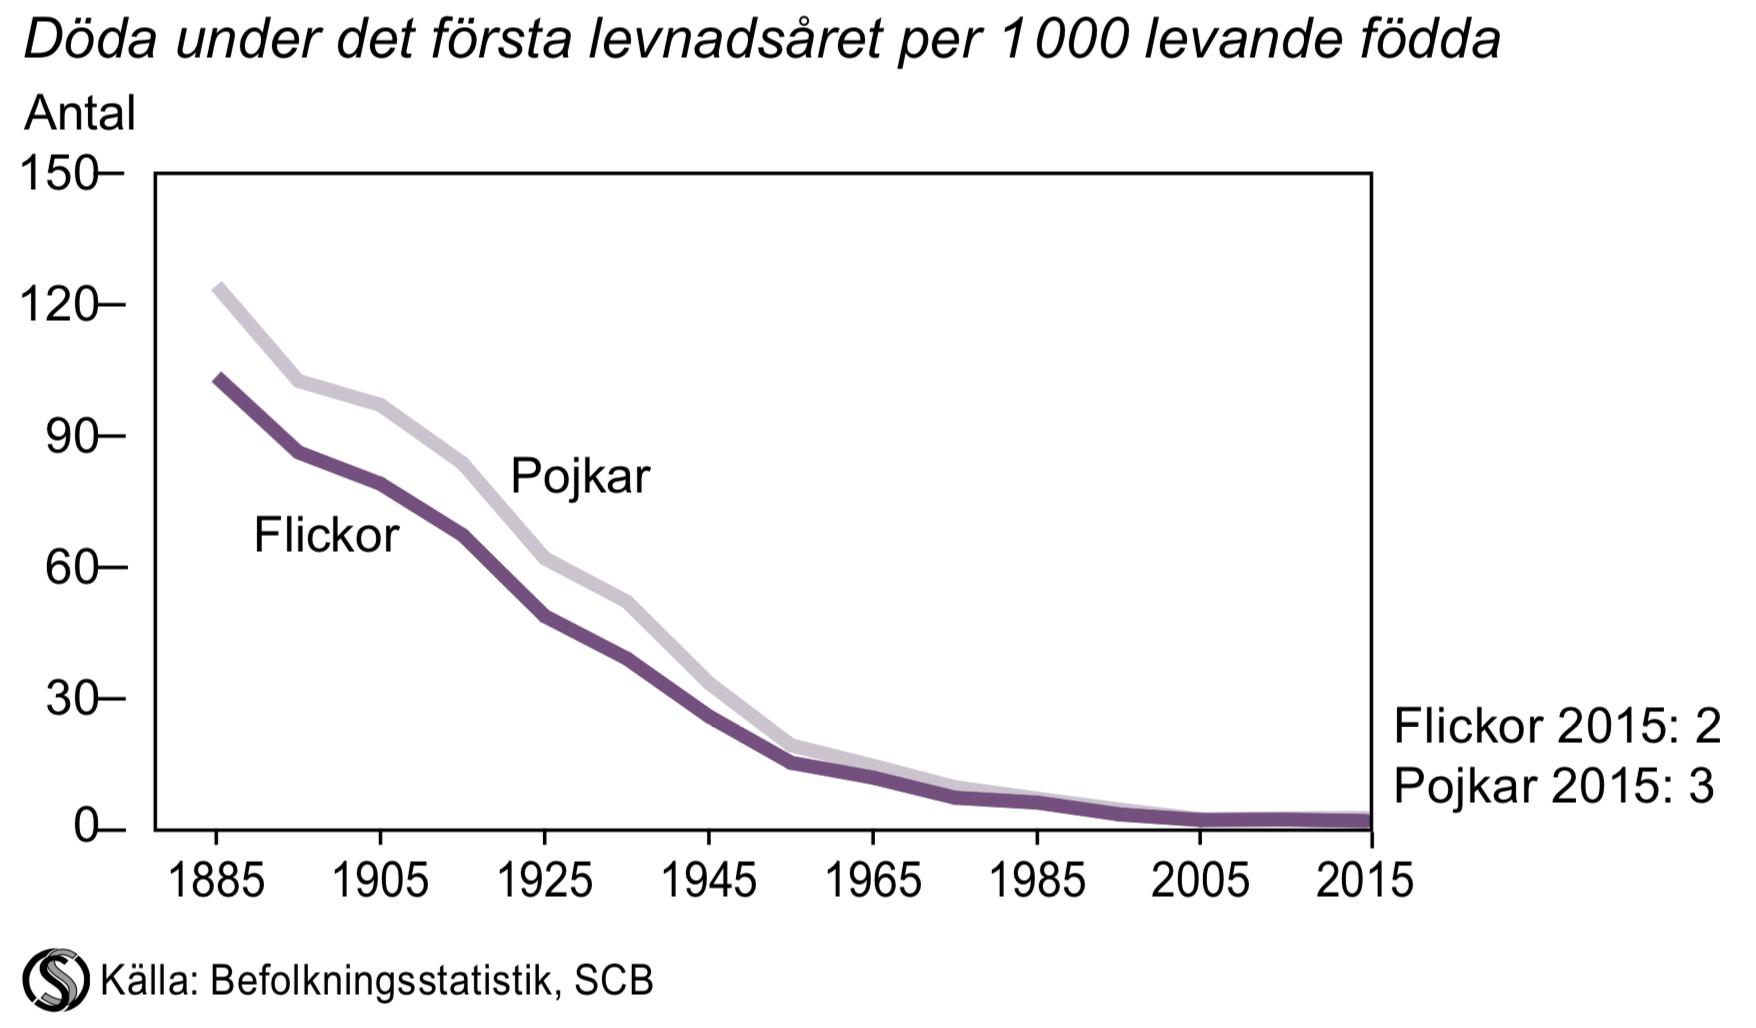 Spädbarnsdödlighet 1885-2015